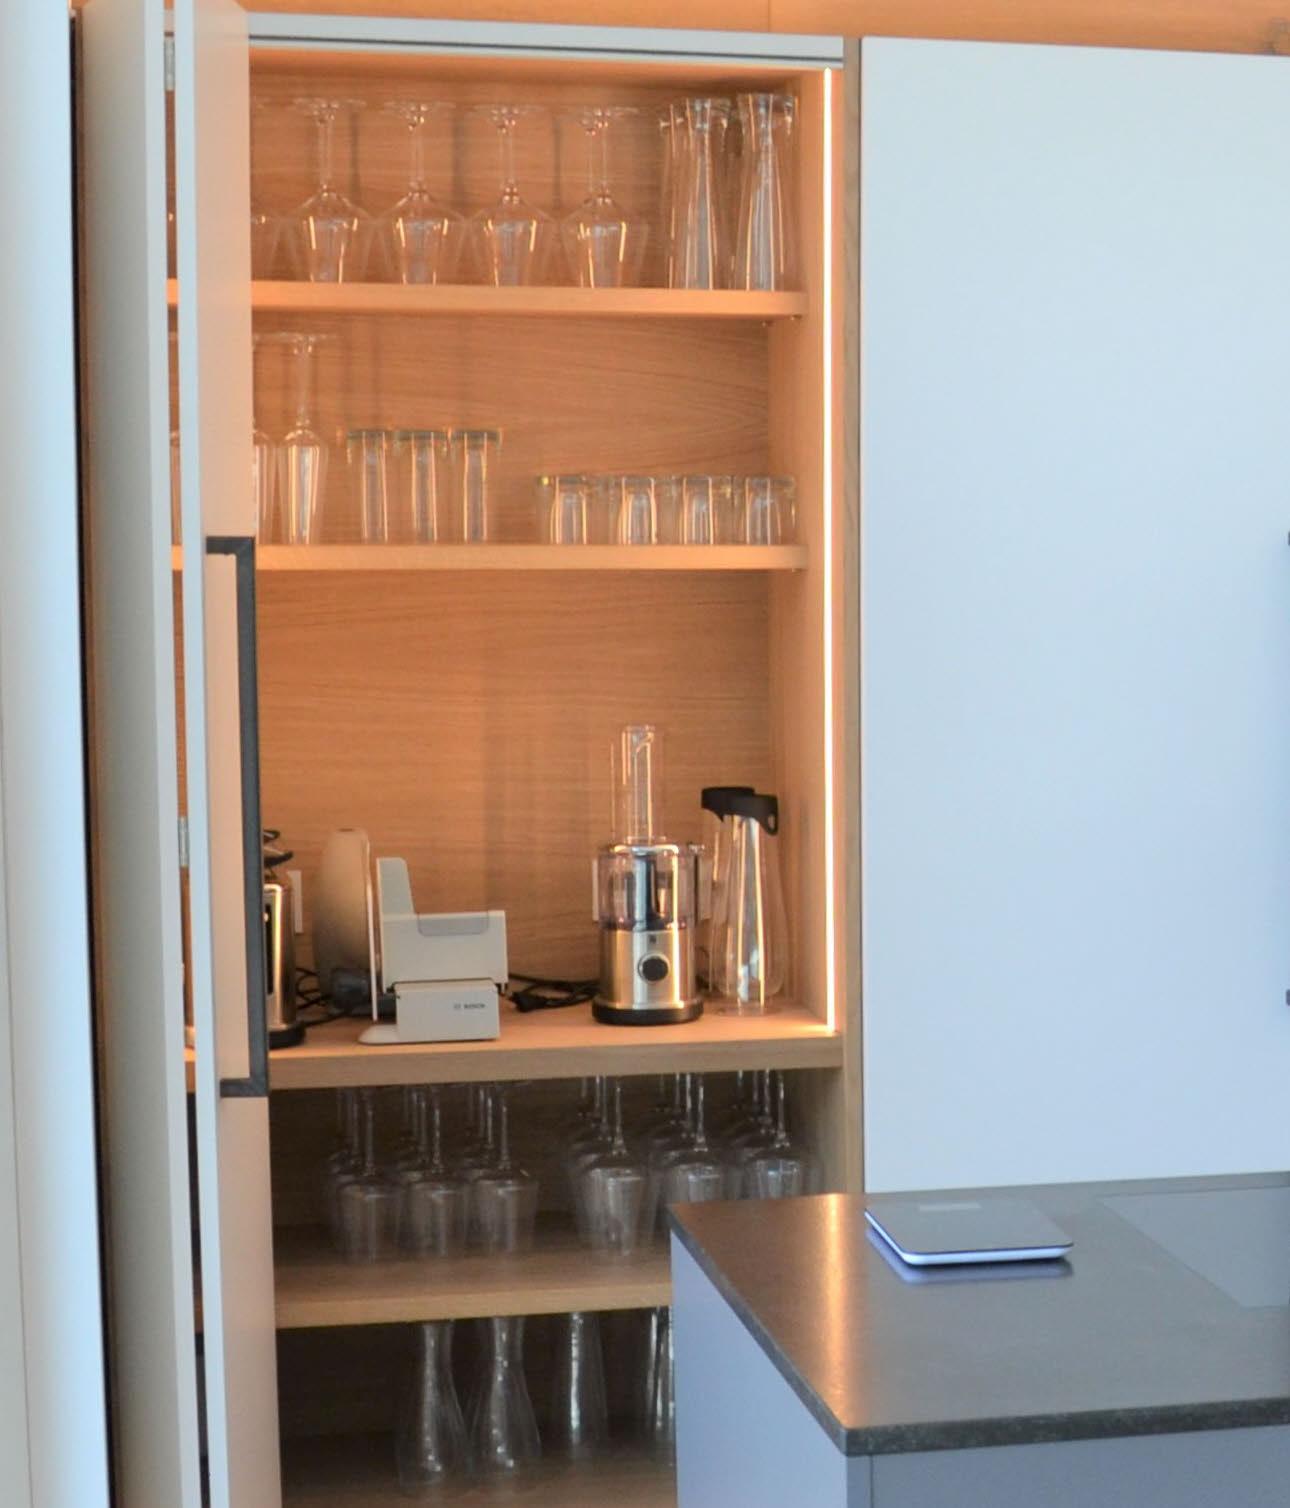 Nett Erstellen Sie Ihre Kücheninsel Bilder - Küchenschrank Ideen ...